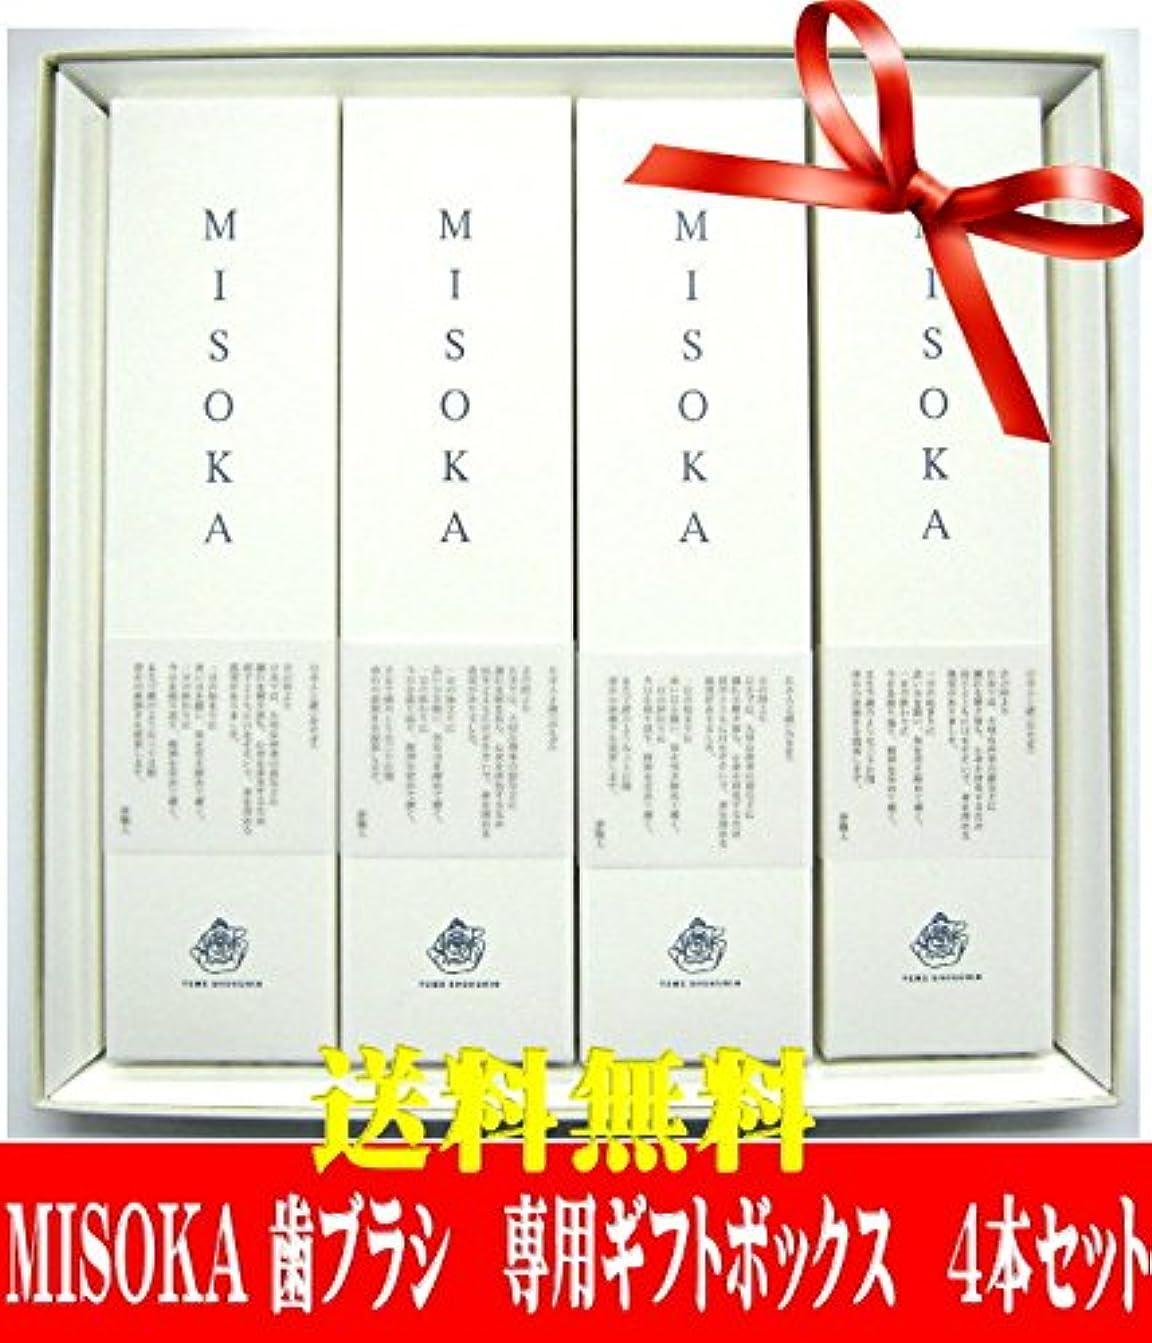 規模暗黙叫び声夢職人MISOKA(みそか)歯ブラシ4本ギフトセット